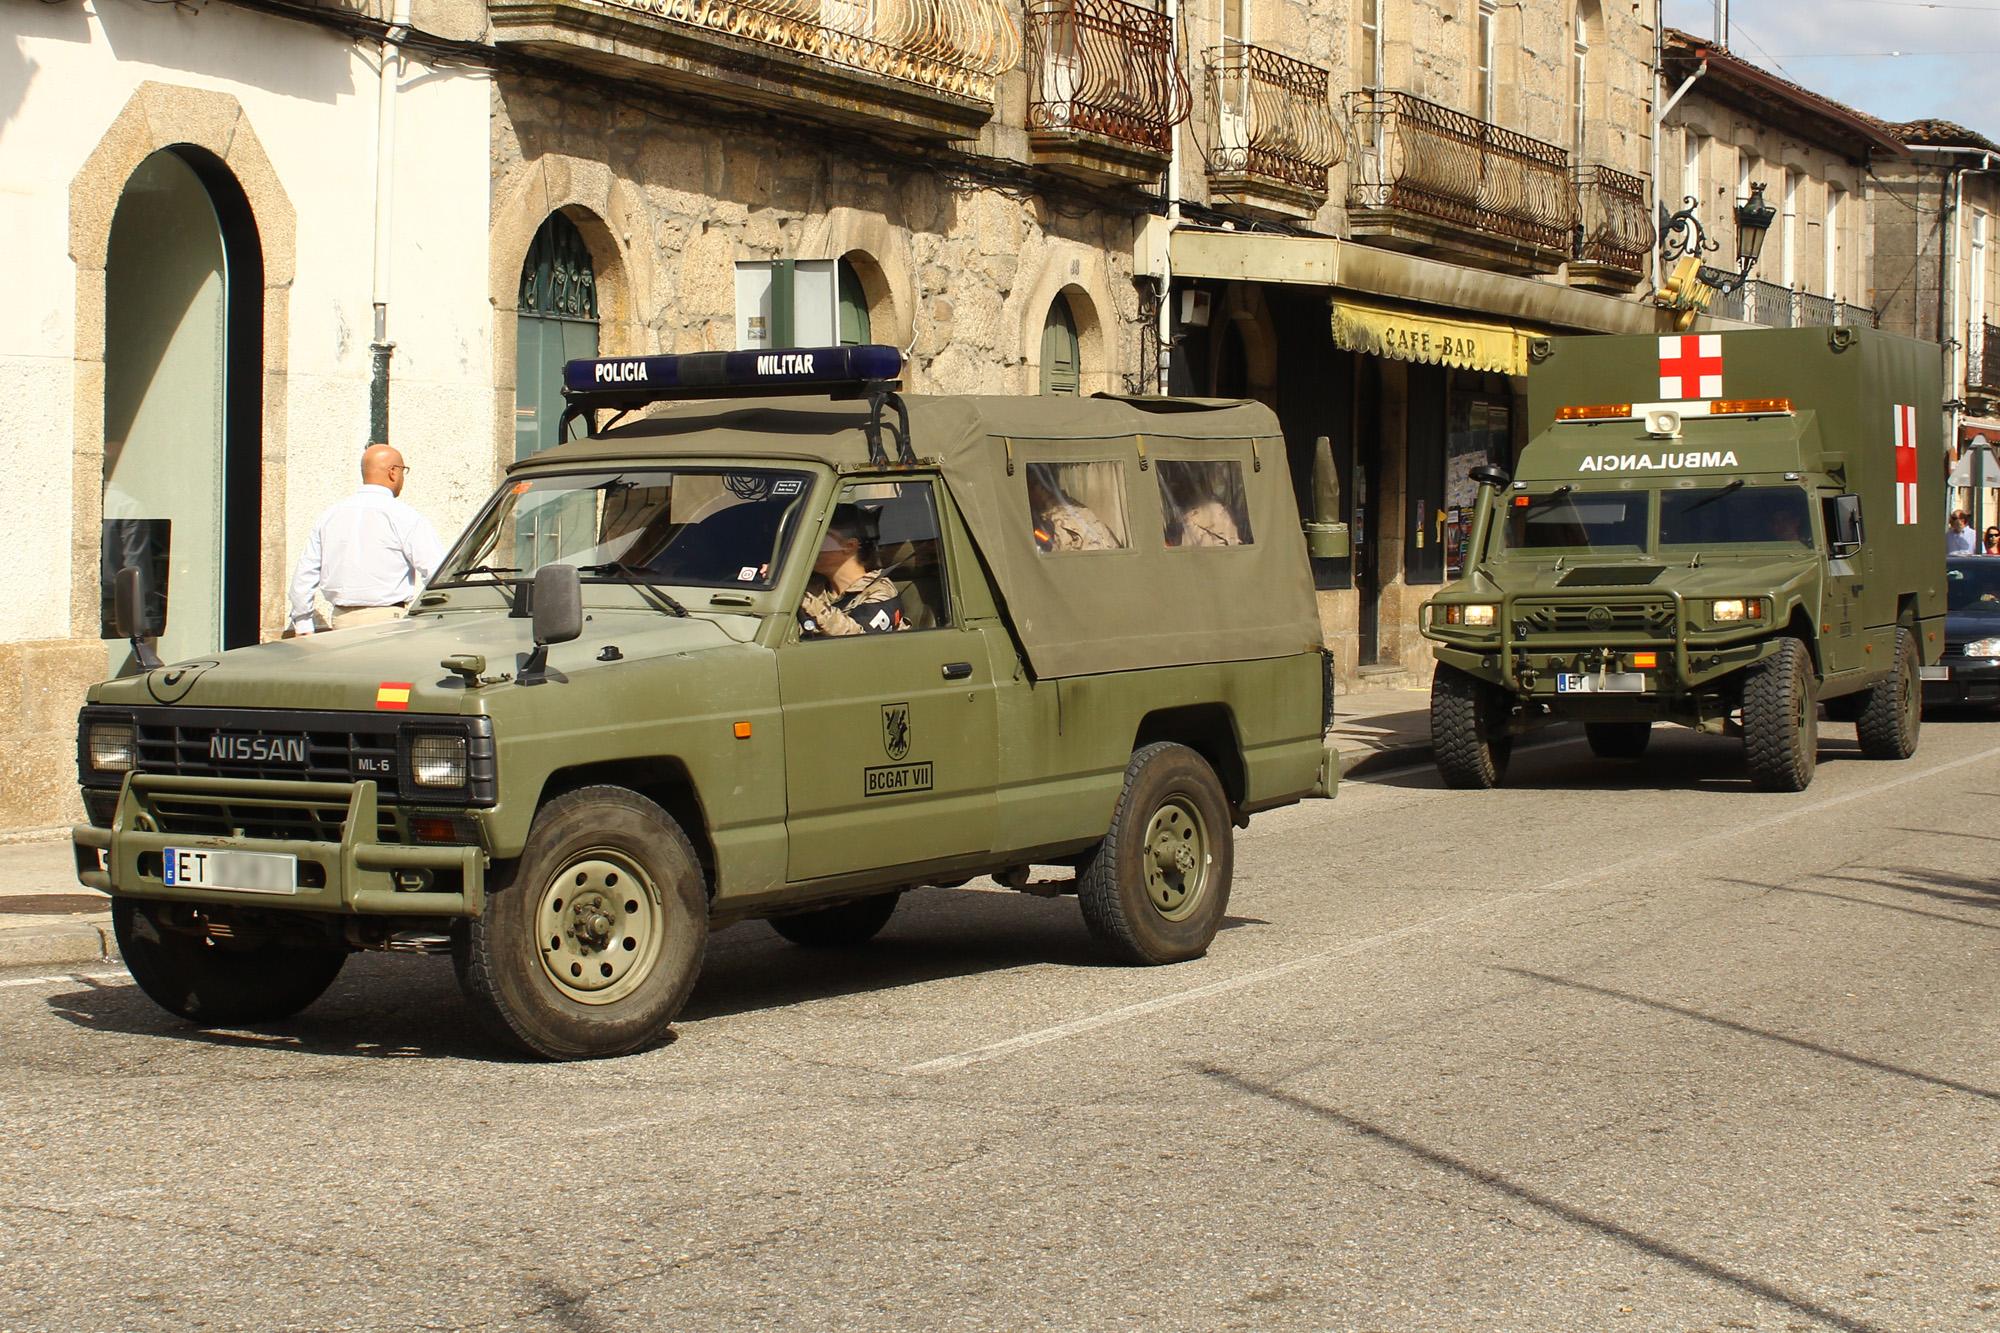 Fileun nissan patrol y un uro vamtac ambulancia de la brilat fileun nissan patrol y un uro vamtac ambulancia de la brilat 15449322615 vanachro Image collections